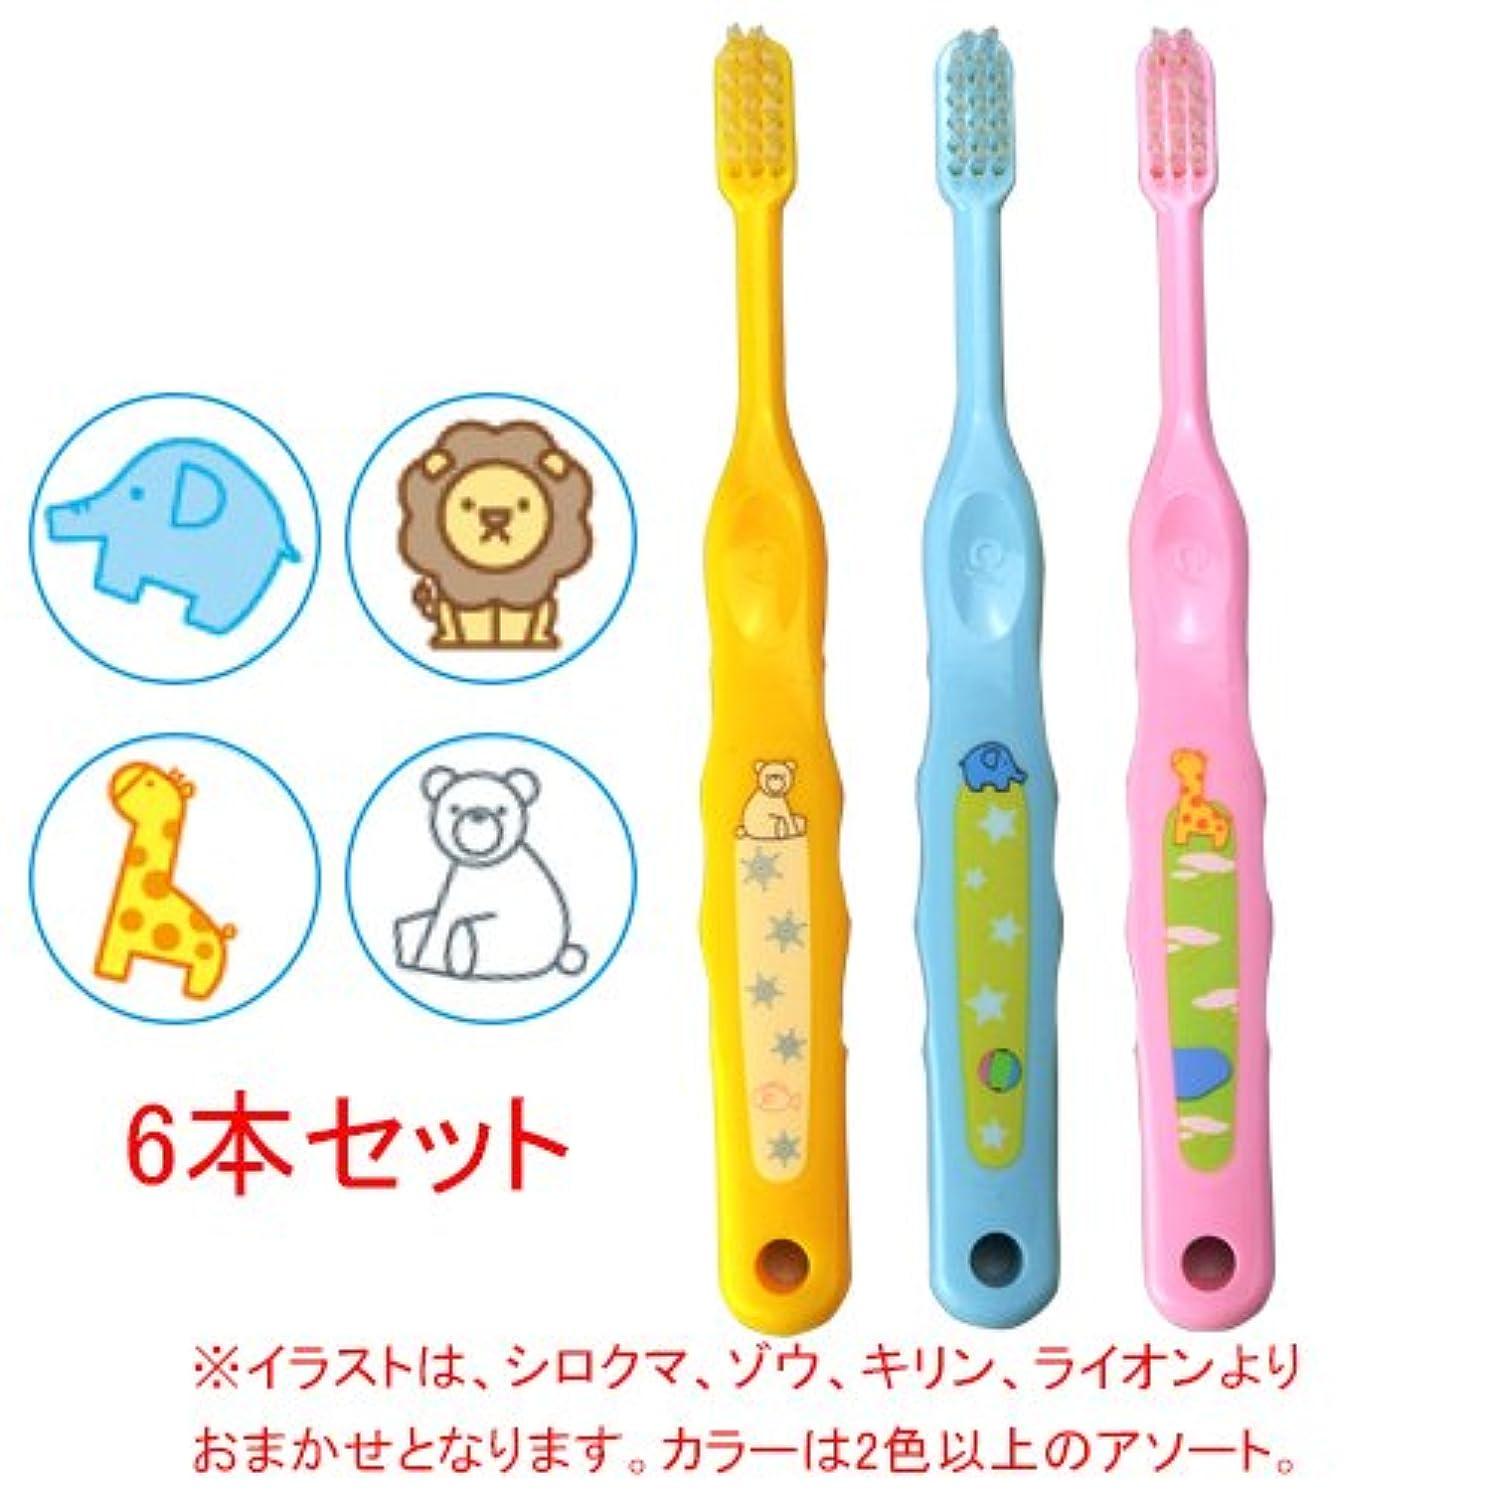 虚栄心サイズ不公平Ciメディカル Ci なまえ歯ブラシ 503 (やわらかめ) (乳児~小学生向)×6本